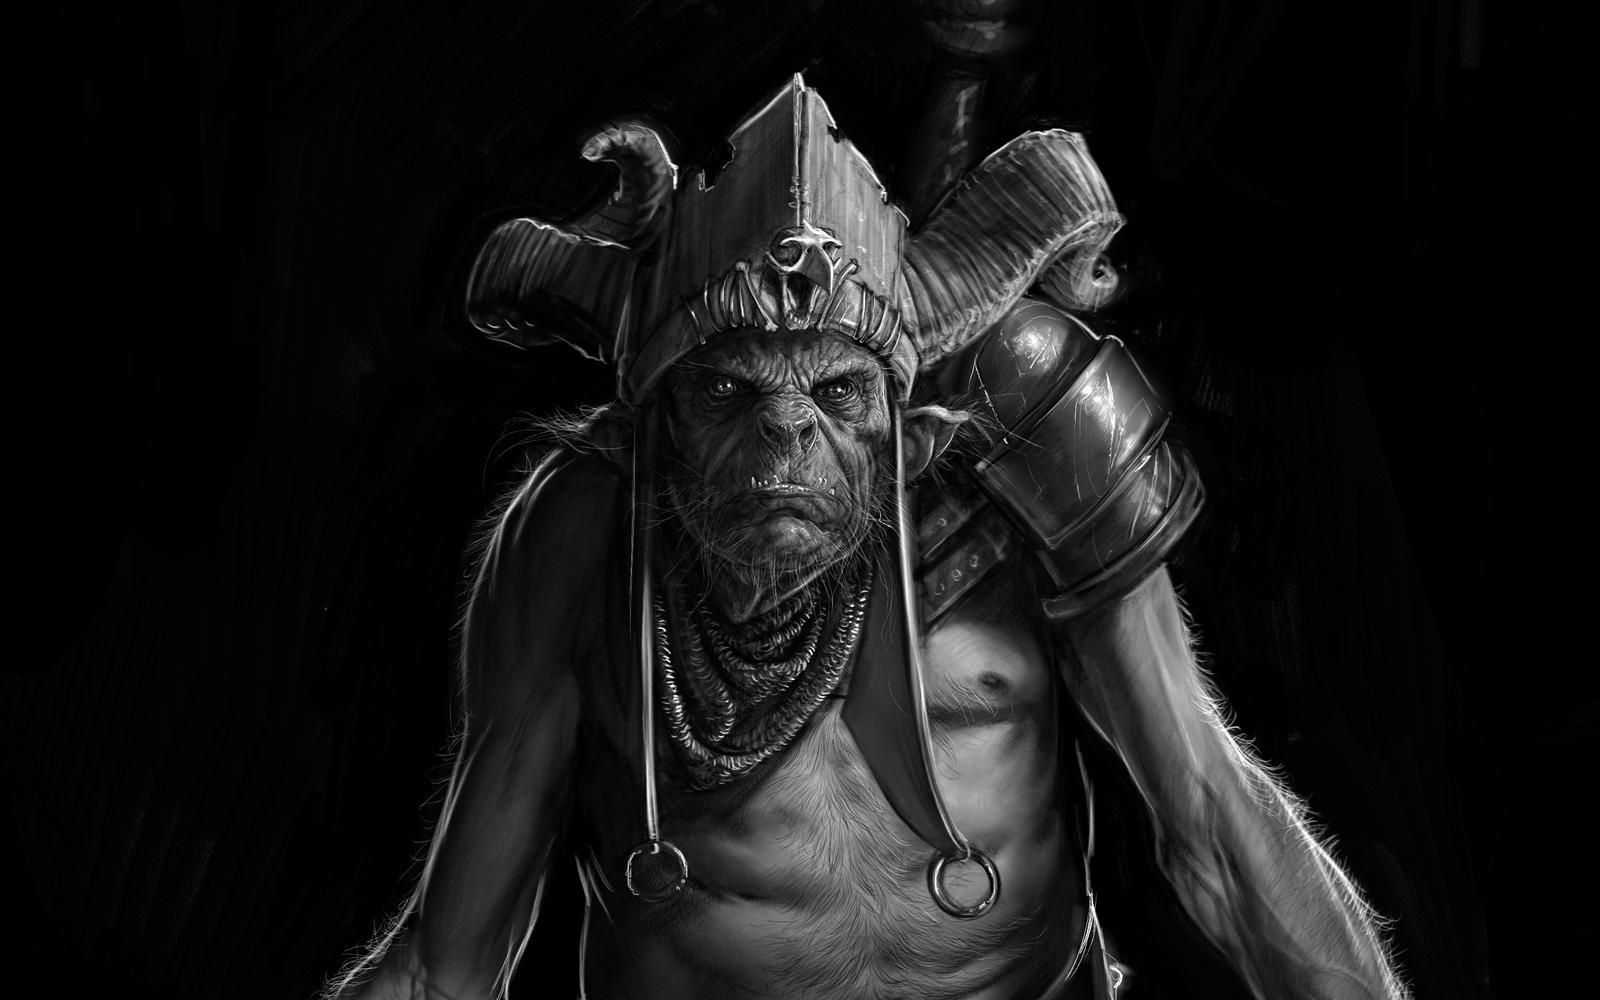 Orc Sketch detail by PaulMellender